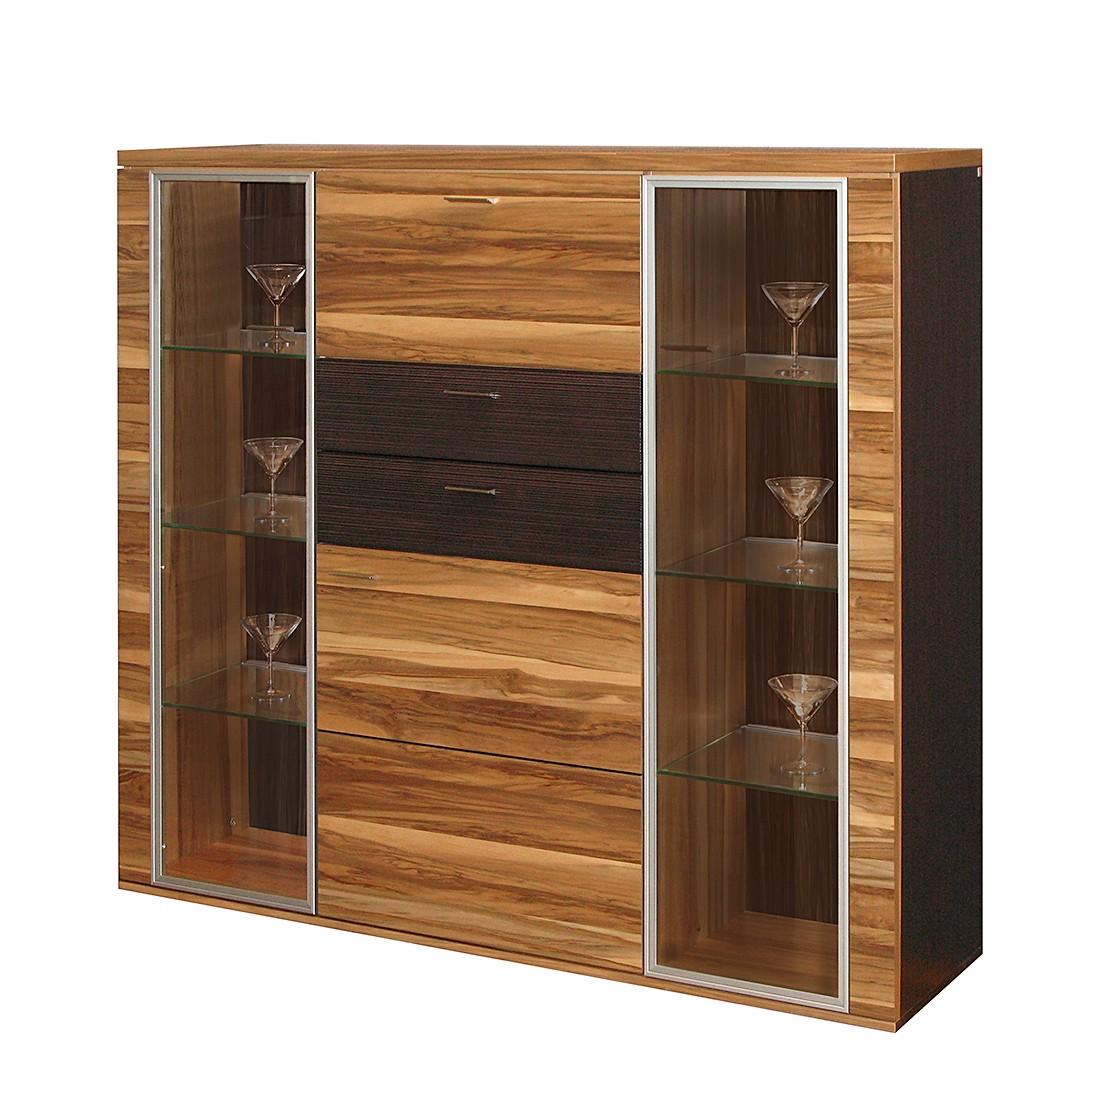 Felke meubles en ligne - Meubles belges en ligne ...